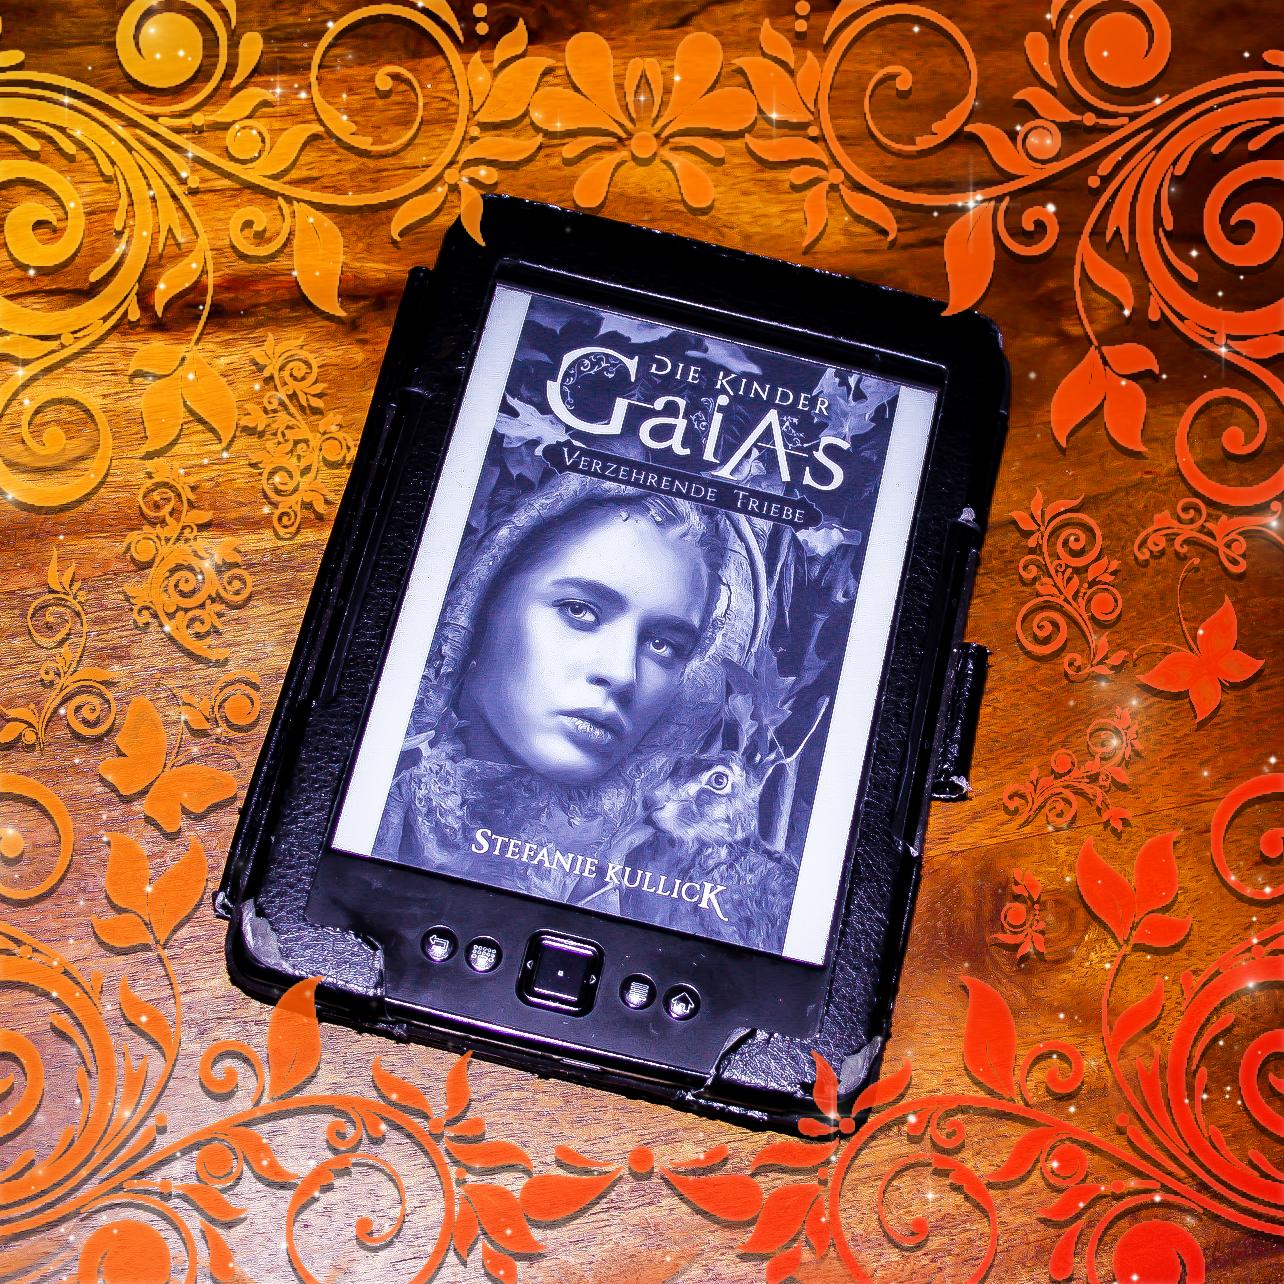 Bild vom Kindle, der das Cover von Die Kinder Gaias: Verzehrende Triebe von Stefanie Kullick zeigt. Passend zur Rezension gestaltet.